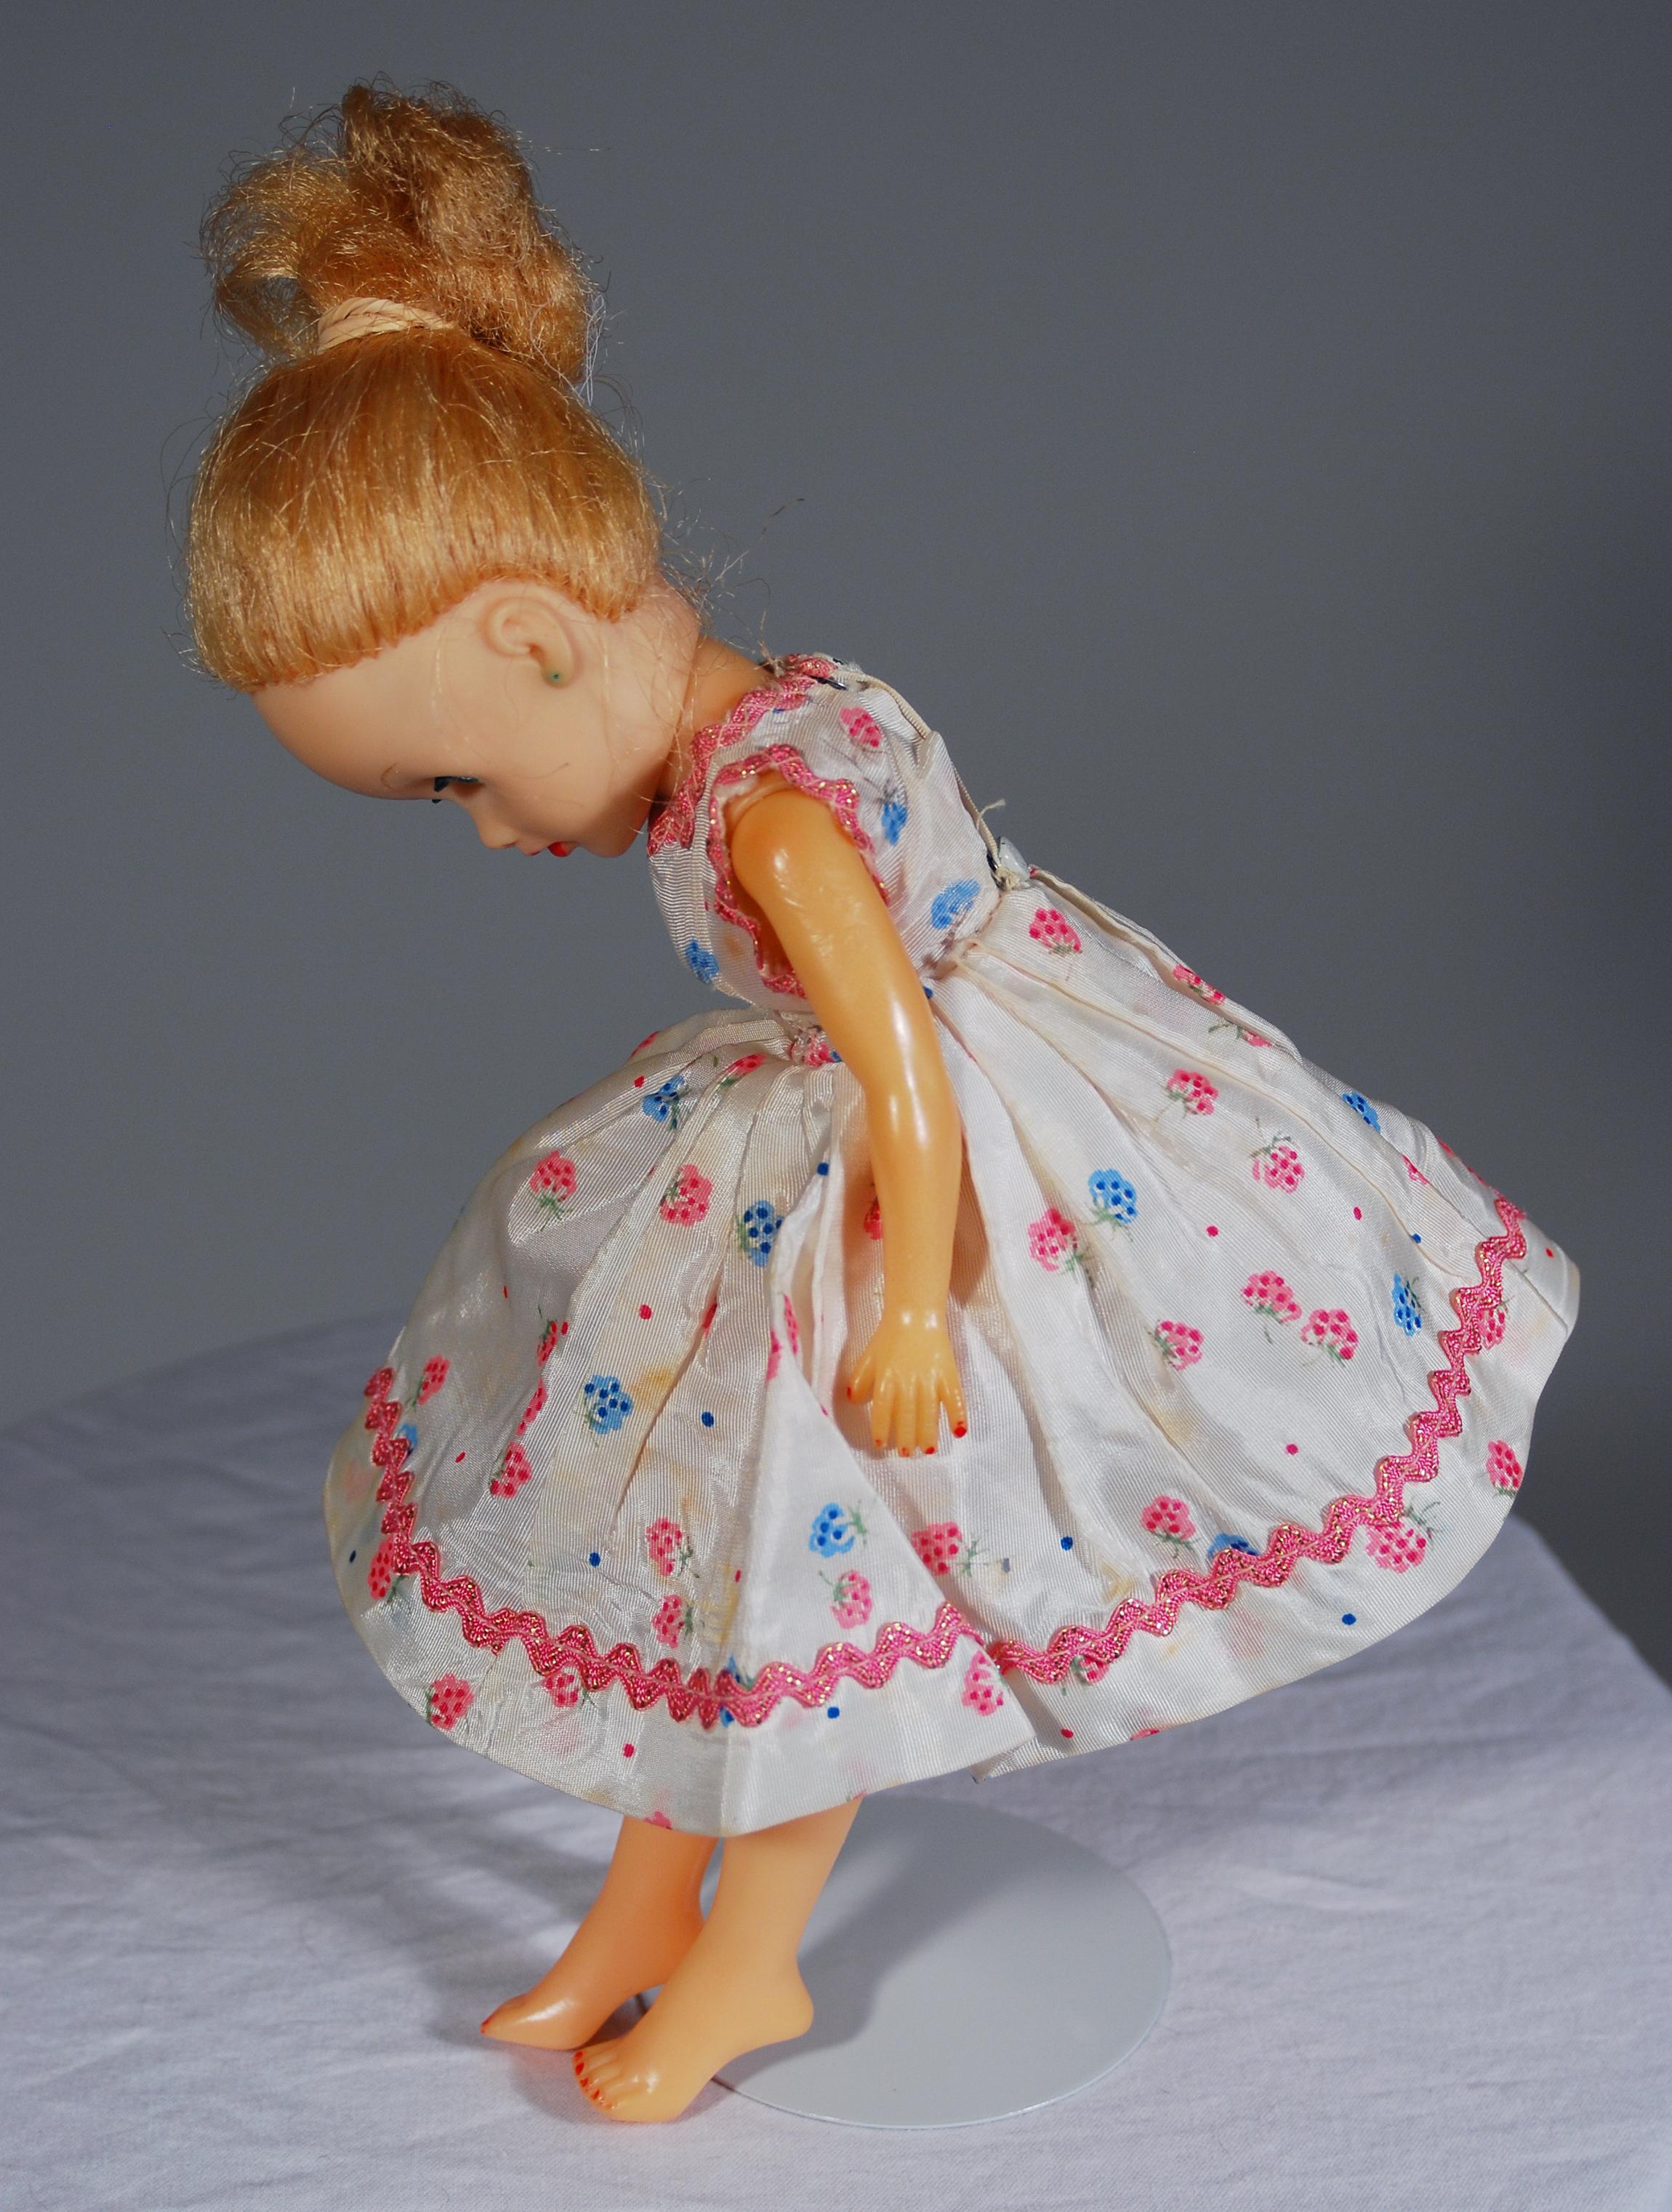 1950s doll 4 by objekt-stock